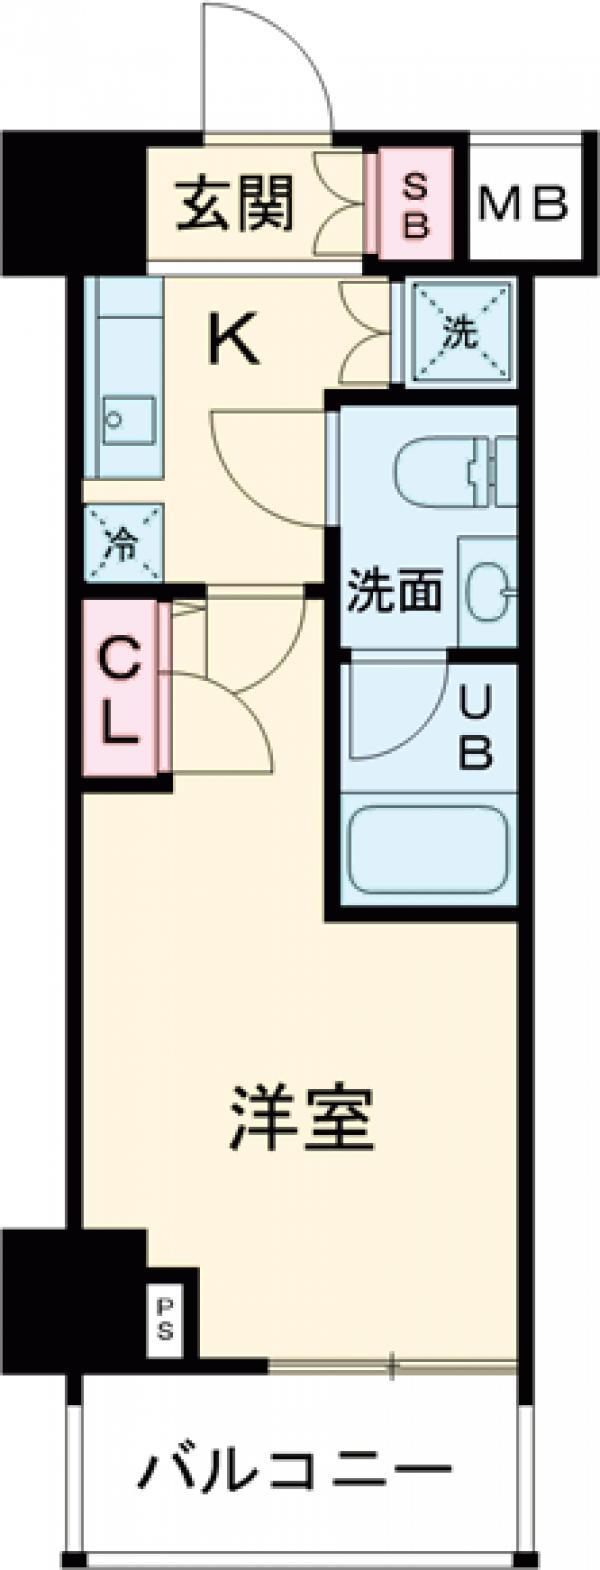 スカイコート品川パークサイドⅡ・102号室の間取り